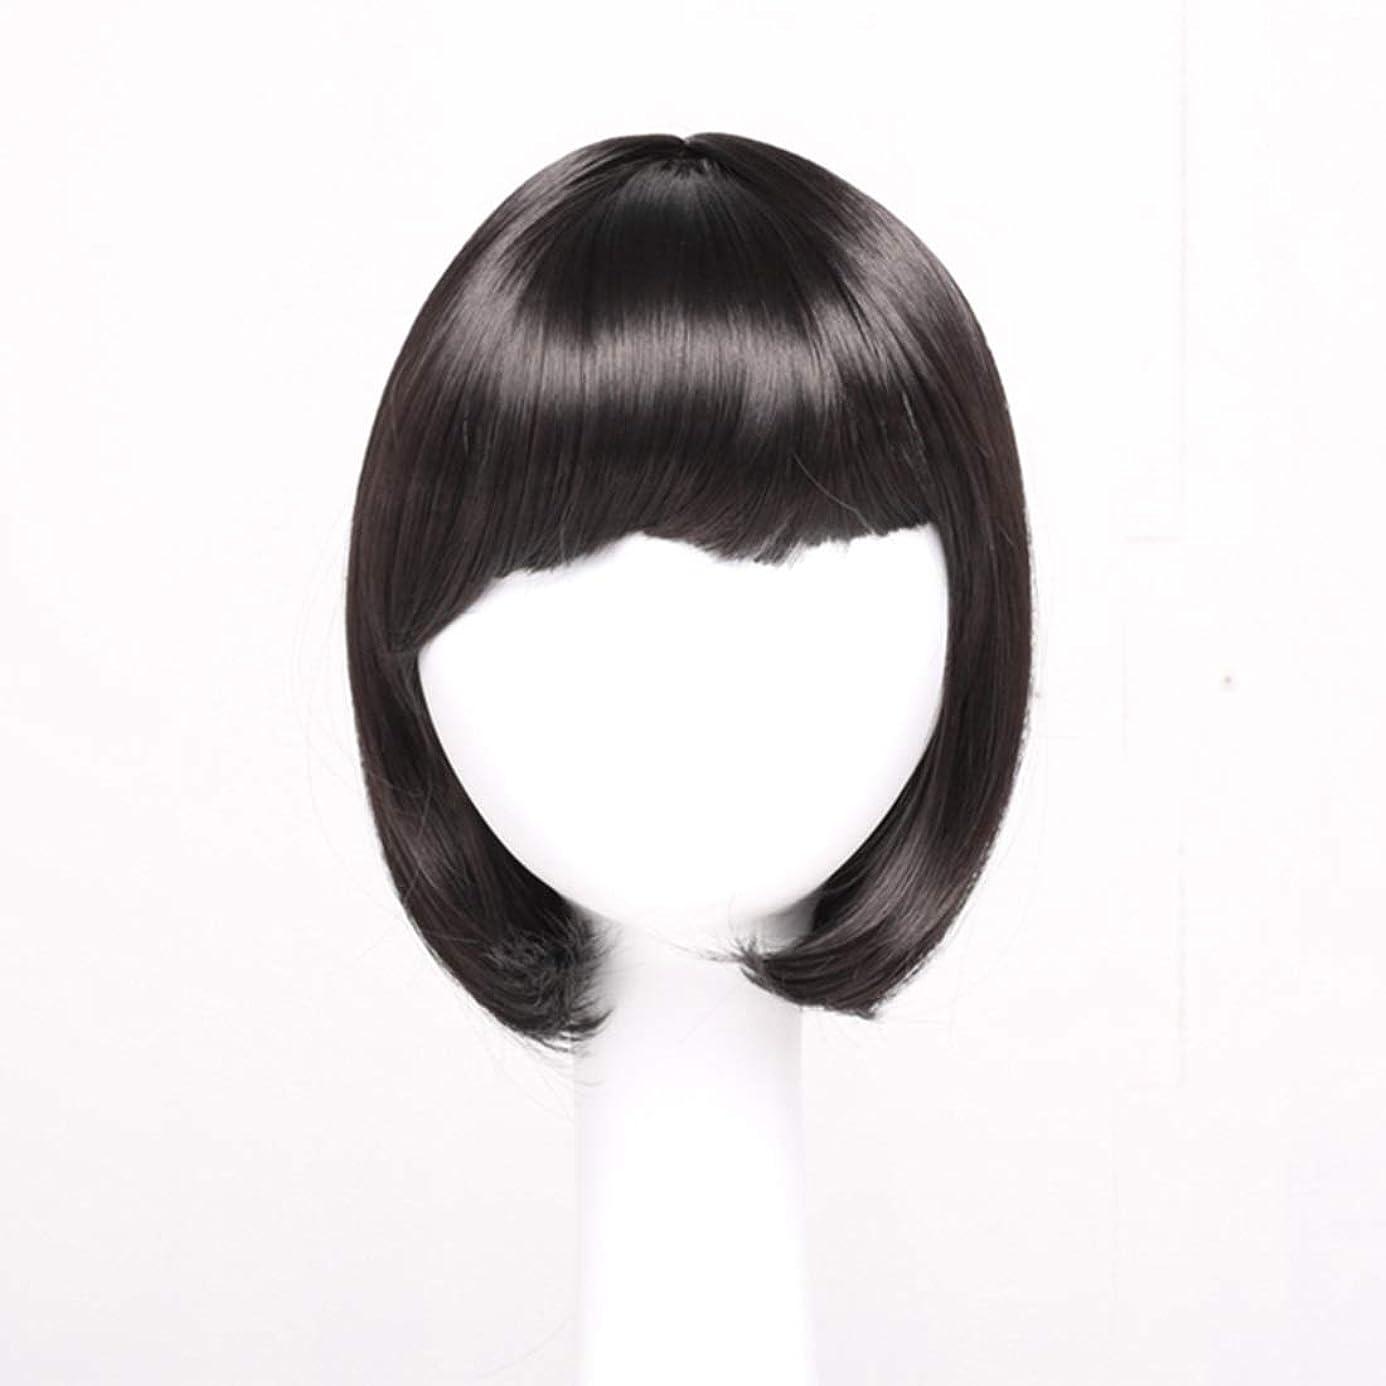 消費推測ビットKerwinner レディースブラックショートストレートヘアー前髪付き前髪ウェーブヘッドかつらセットヘッドギア (Color : Navy brown)